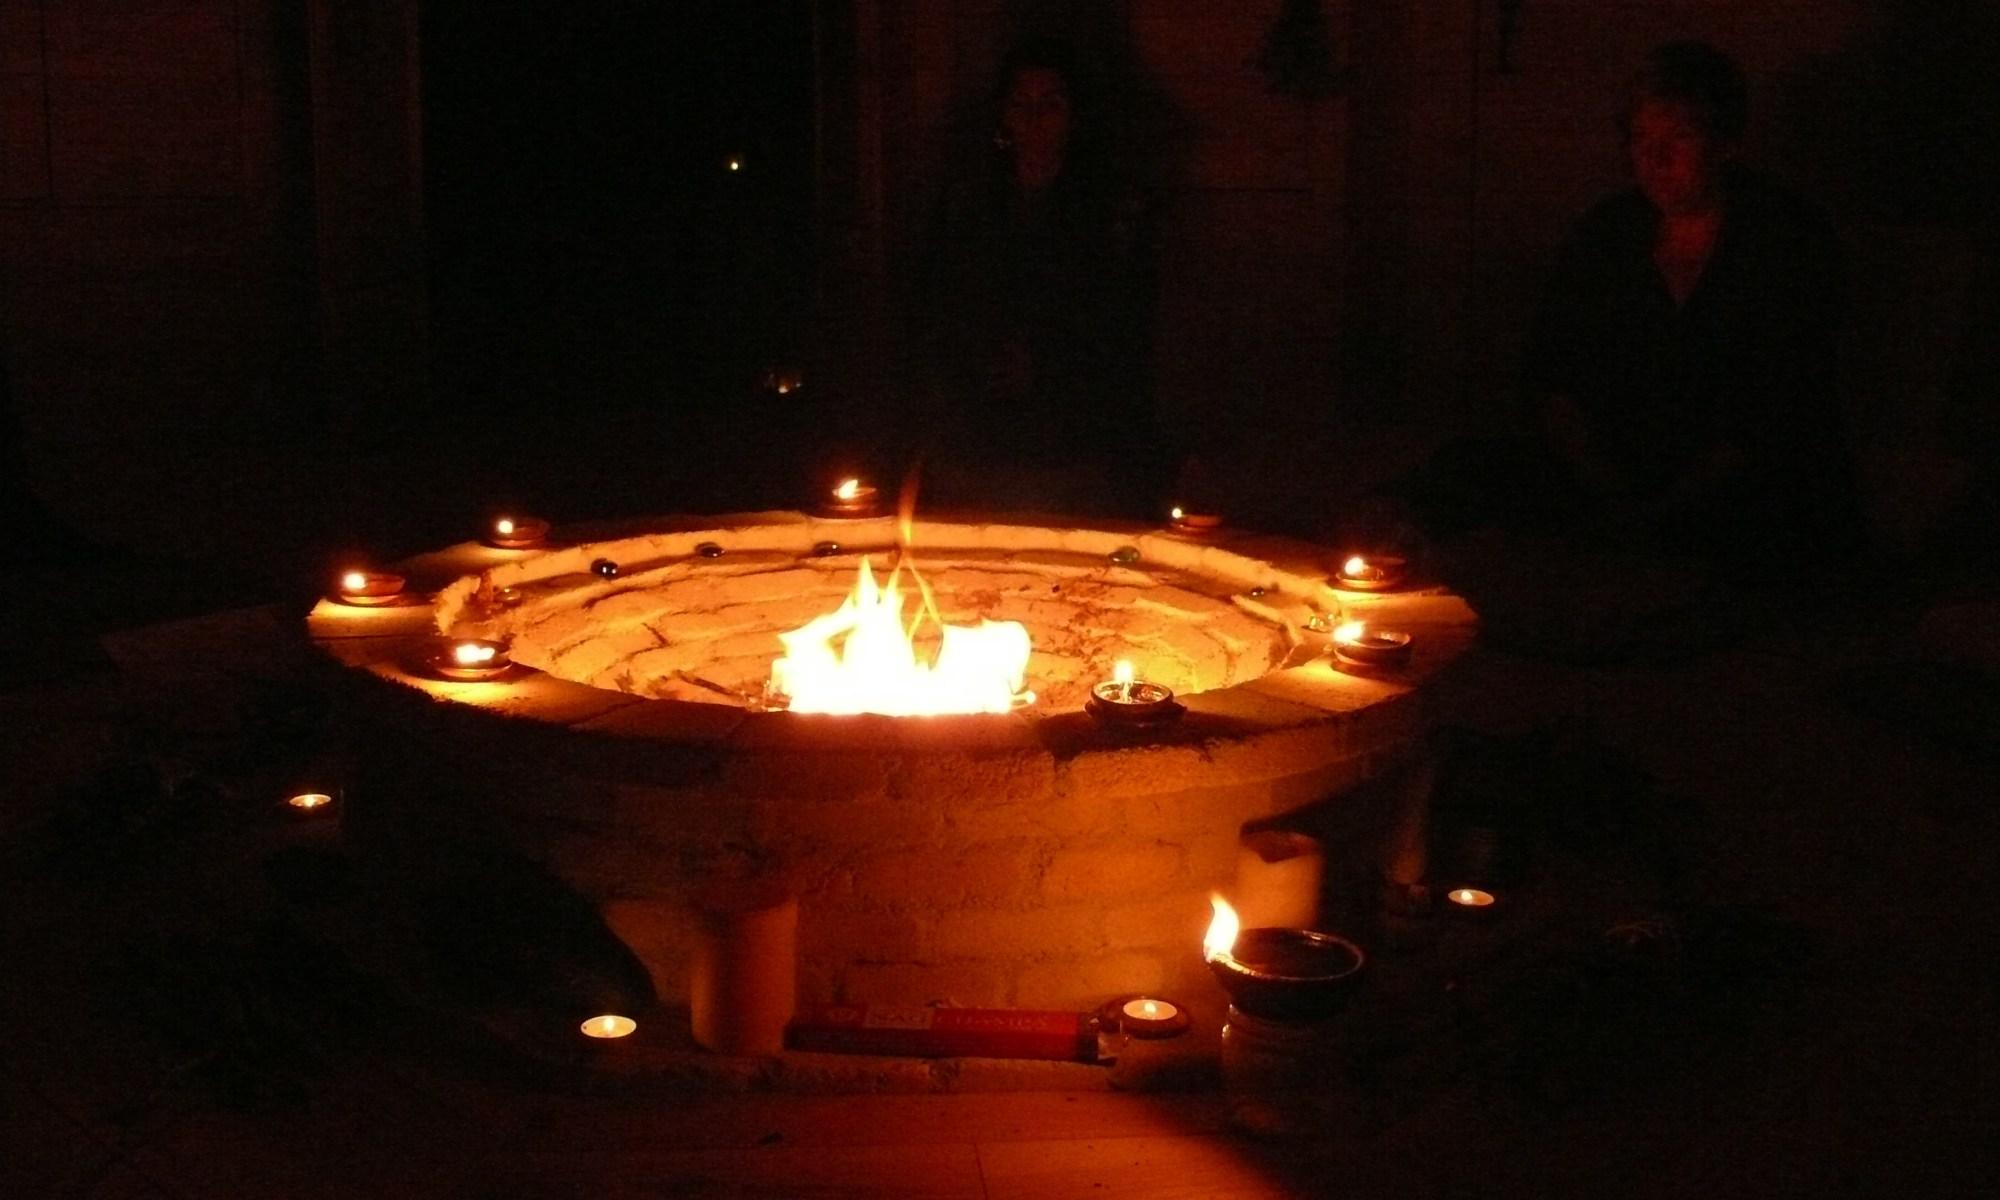 conscience je suis Nisargadatta Maharaj connaissance et inconnaissable